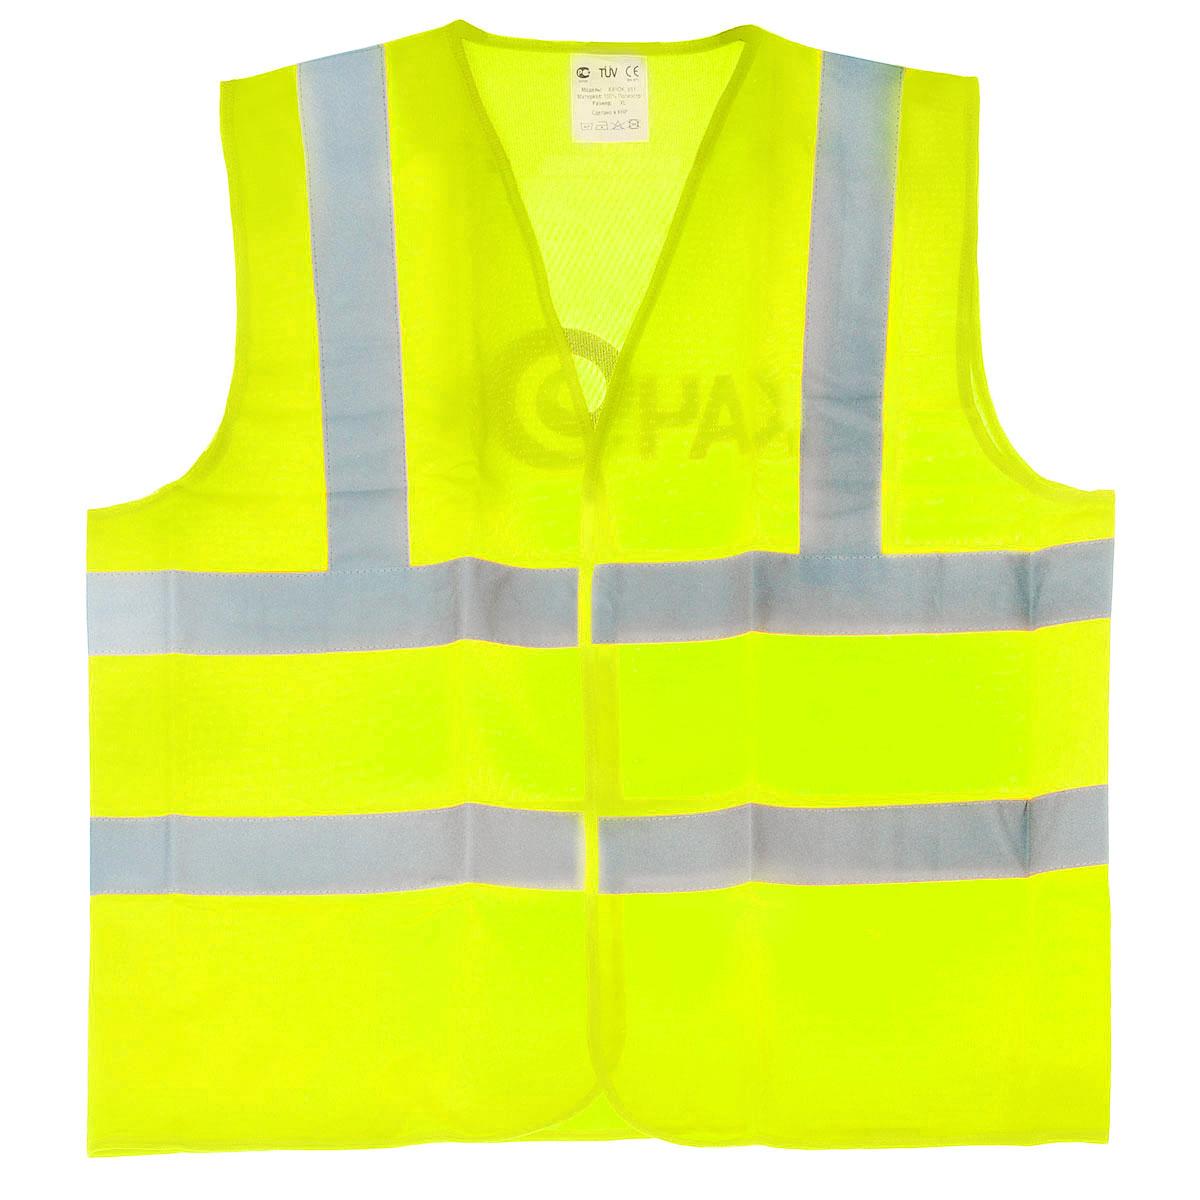 Жилет аварийный сигнальный Качок V11, цвет: желтый. Размер XL V11-Y